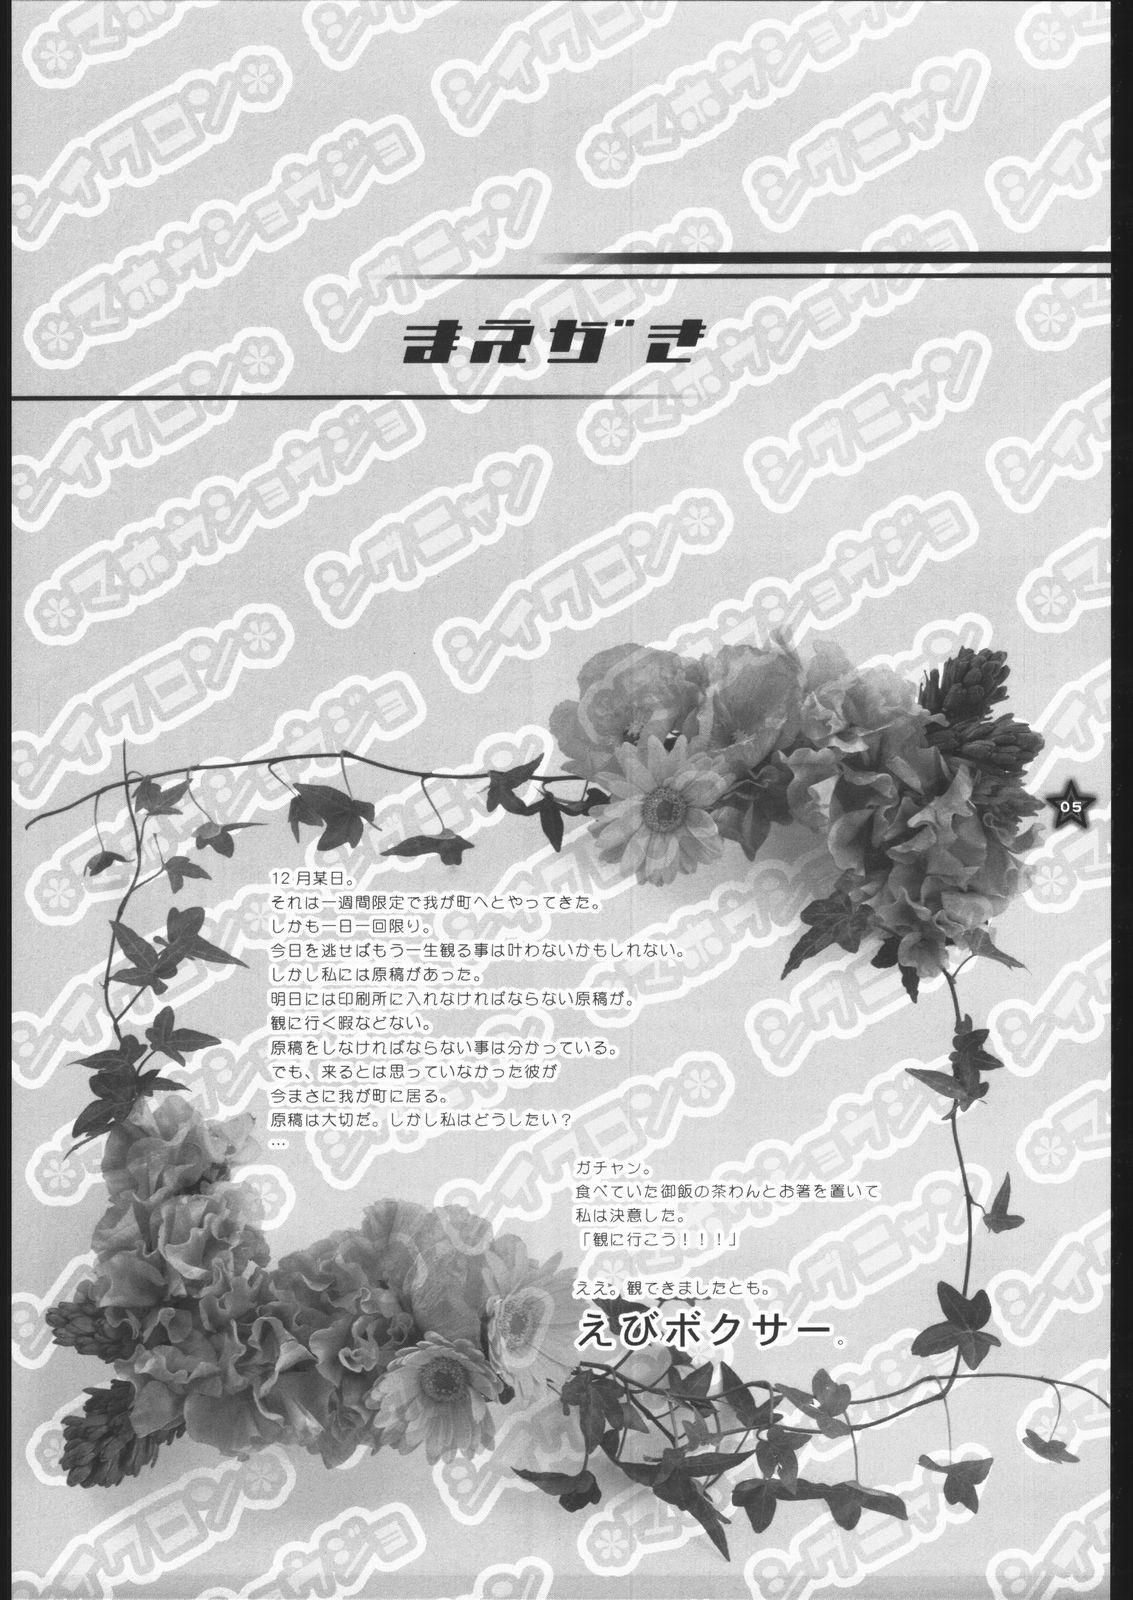 Mahou Shoujo Shiikuron 3